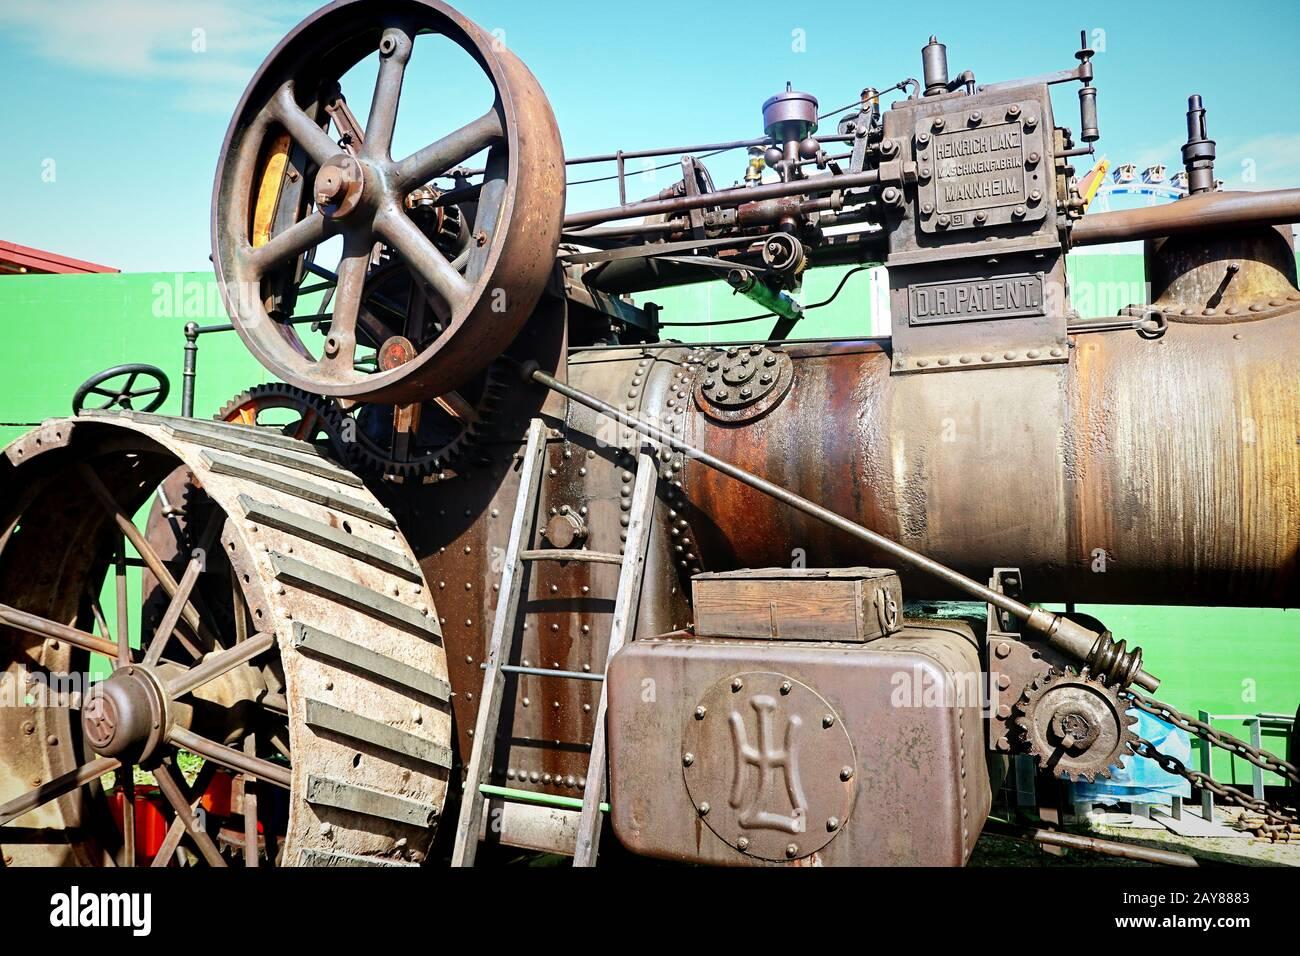 Munich, ALEMANIA Lanz tractor de granja vintage en exposición en la parte histórica de Oktoberfest de Oide Wiesn en Munich, un ambiente familiar y para niños Foto de stock